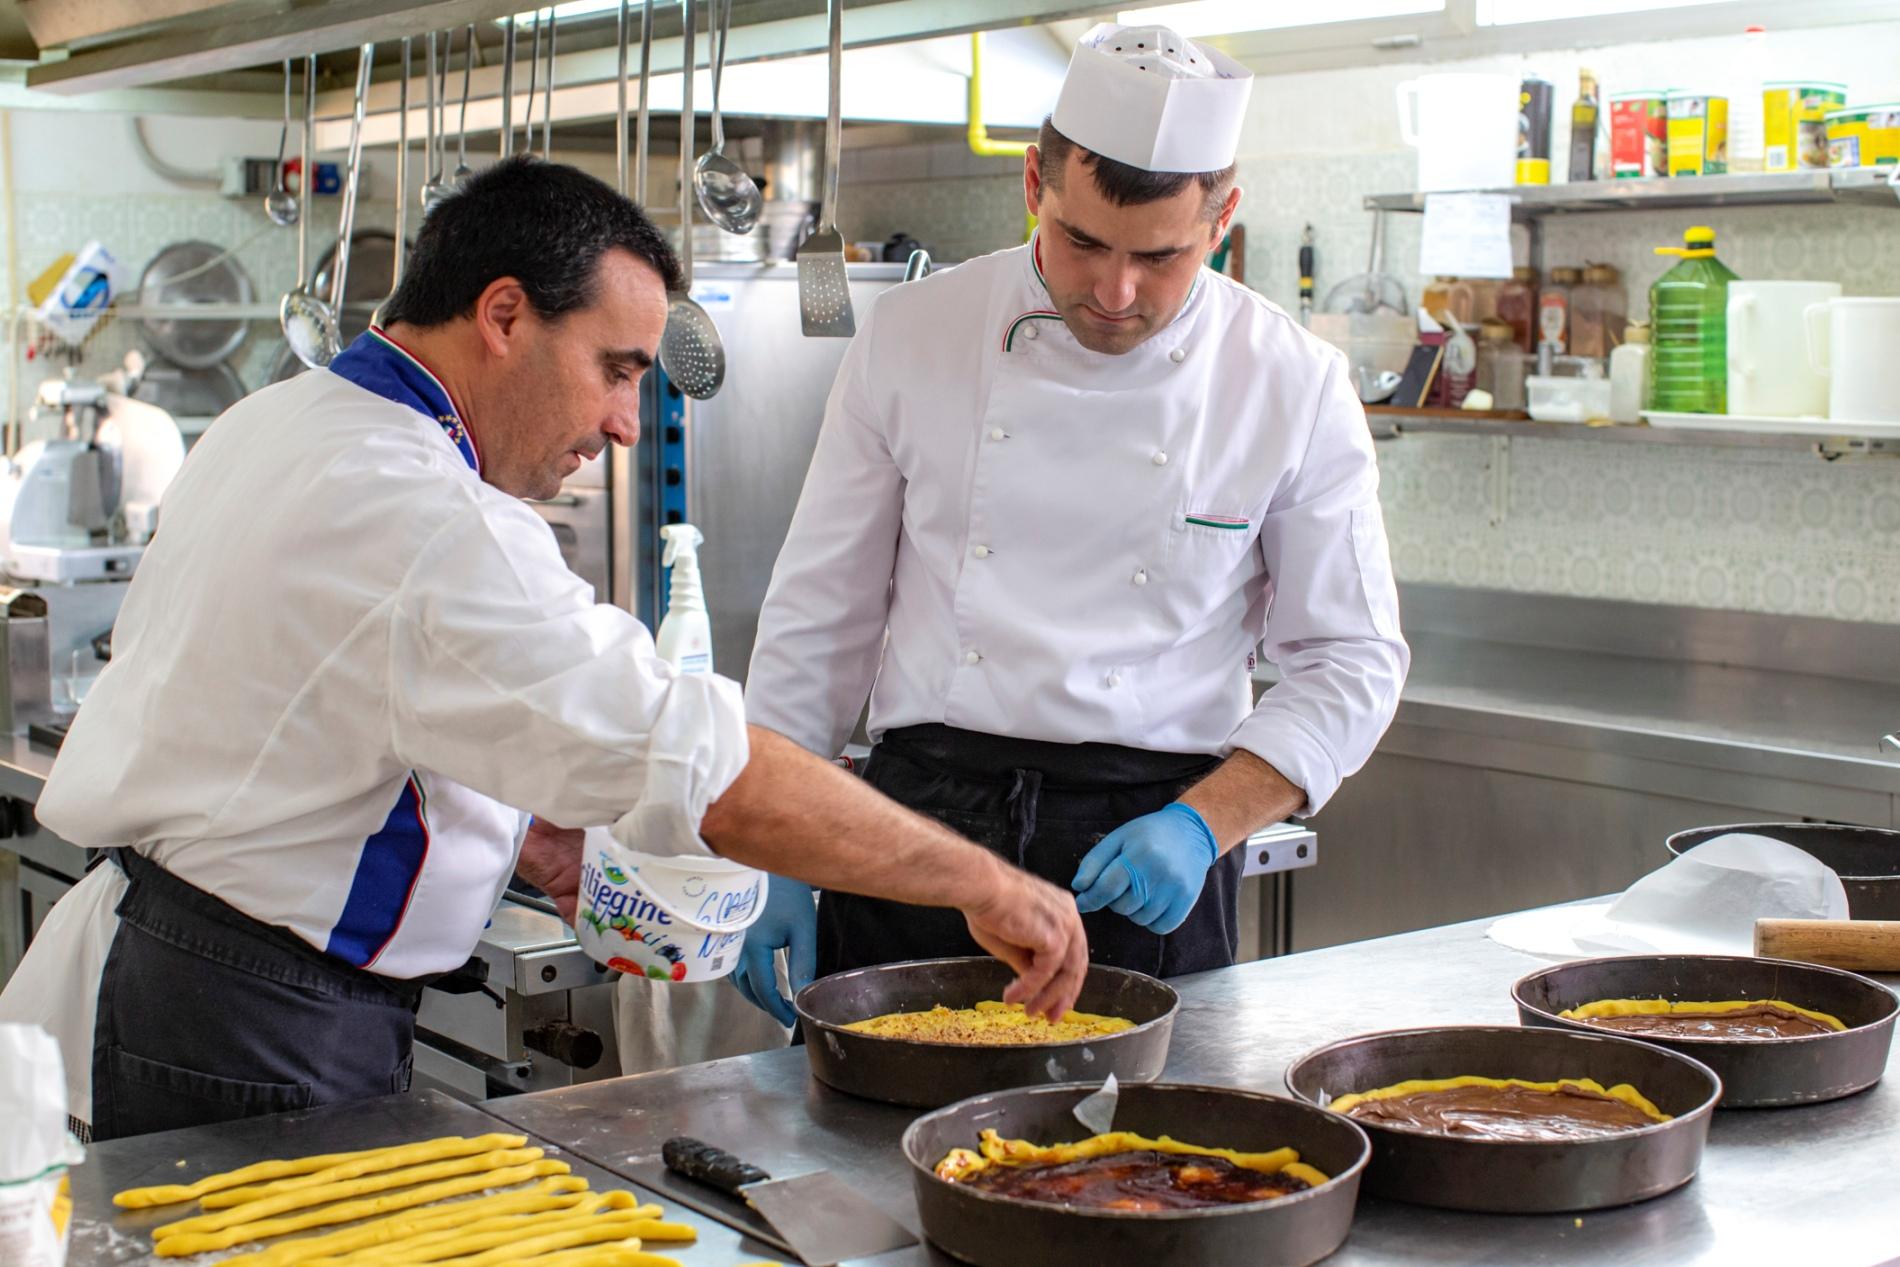 L'unico Hotel di Marebello </br>che ti prepara tutti i giorni </br>la pasta fresca fatta in casa....</br> perché il corpo non deve </br>risentirne…MAI!